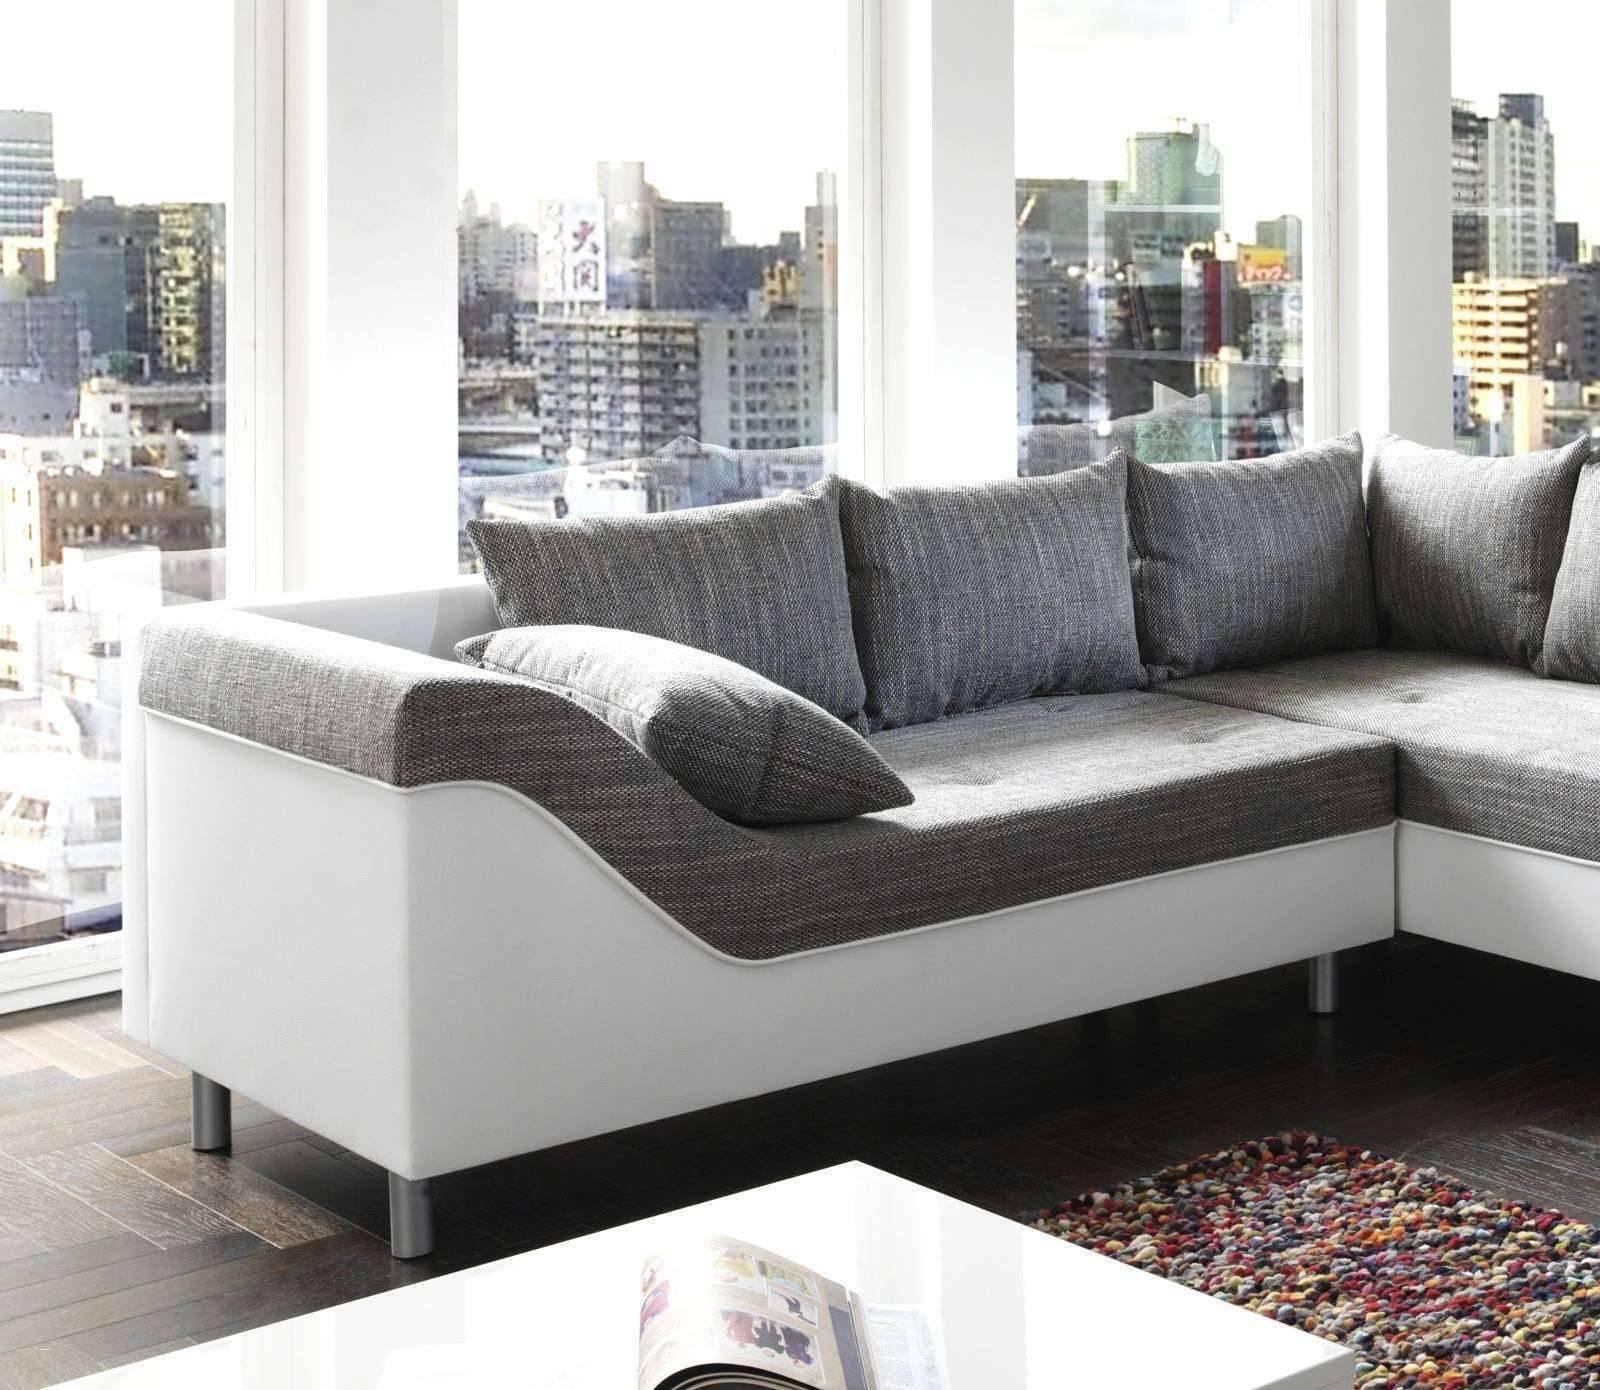 farben fur wohnzimmer ideen schon 30 das beste von wanddeko fur garten of farben fur wohnzimmer ideen